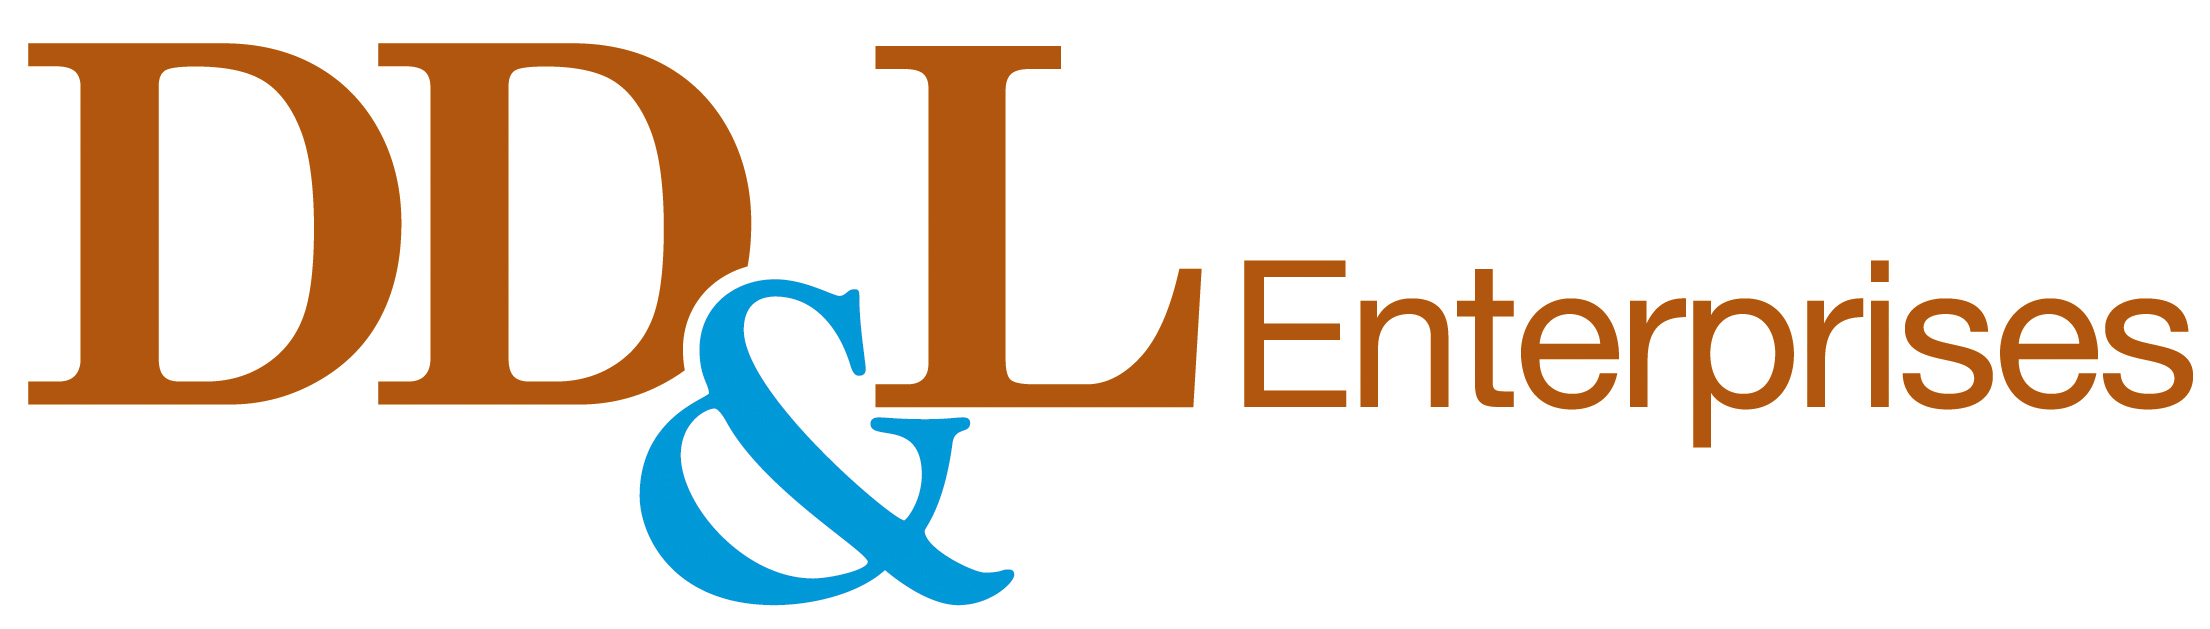 DD&L logo